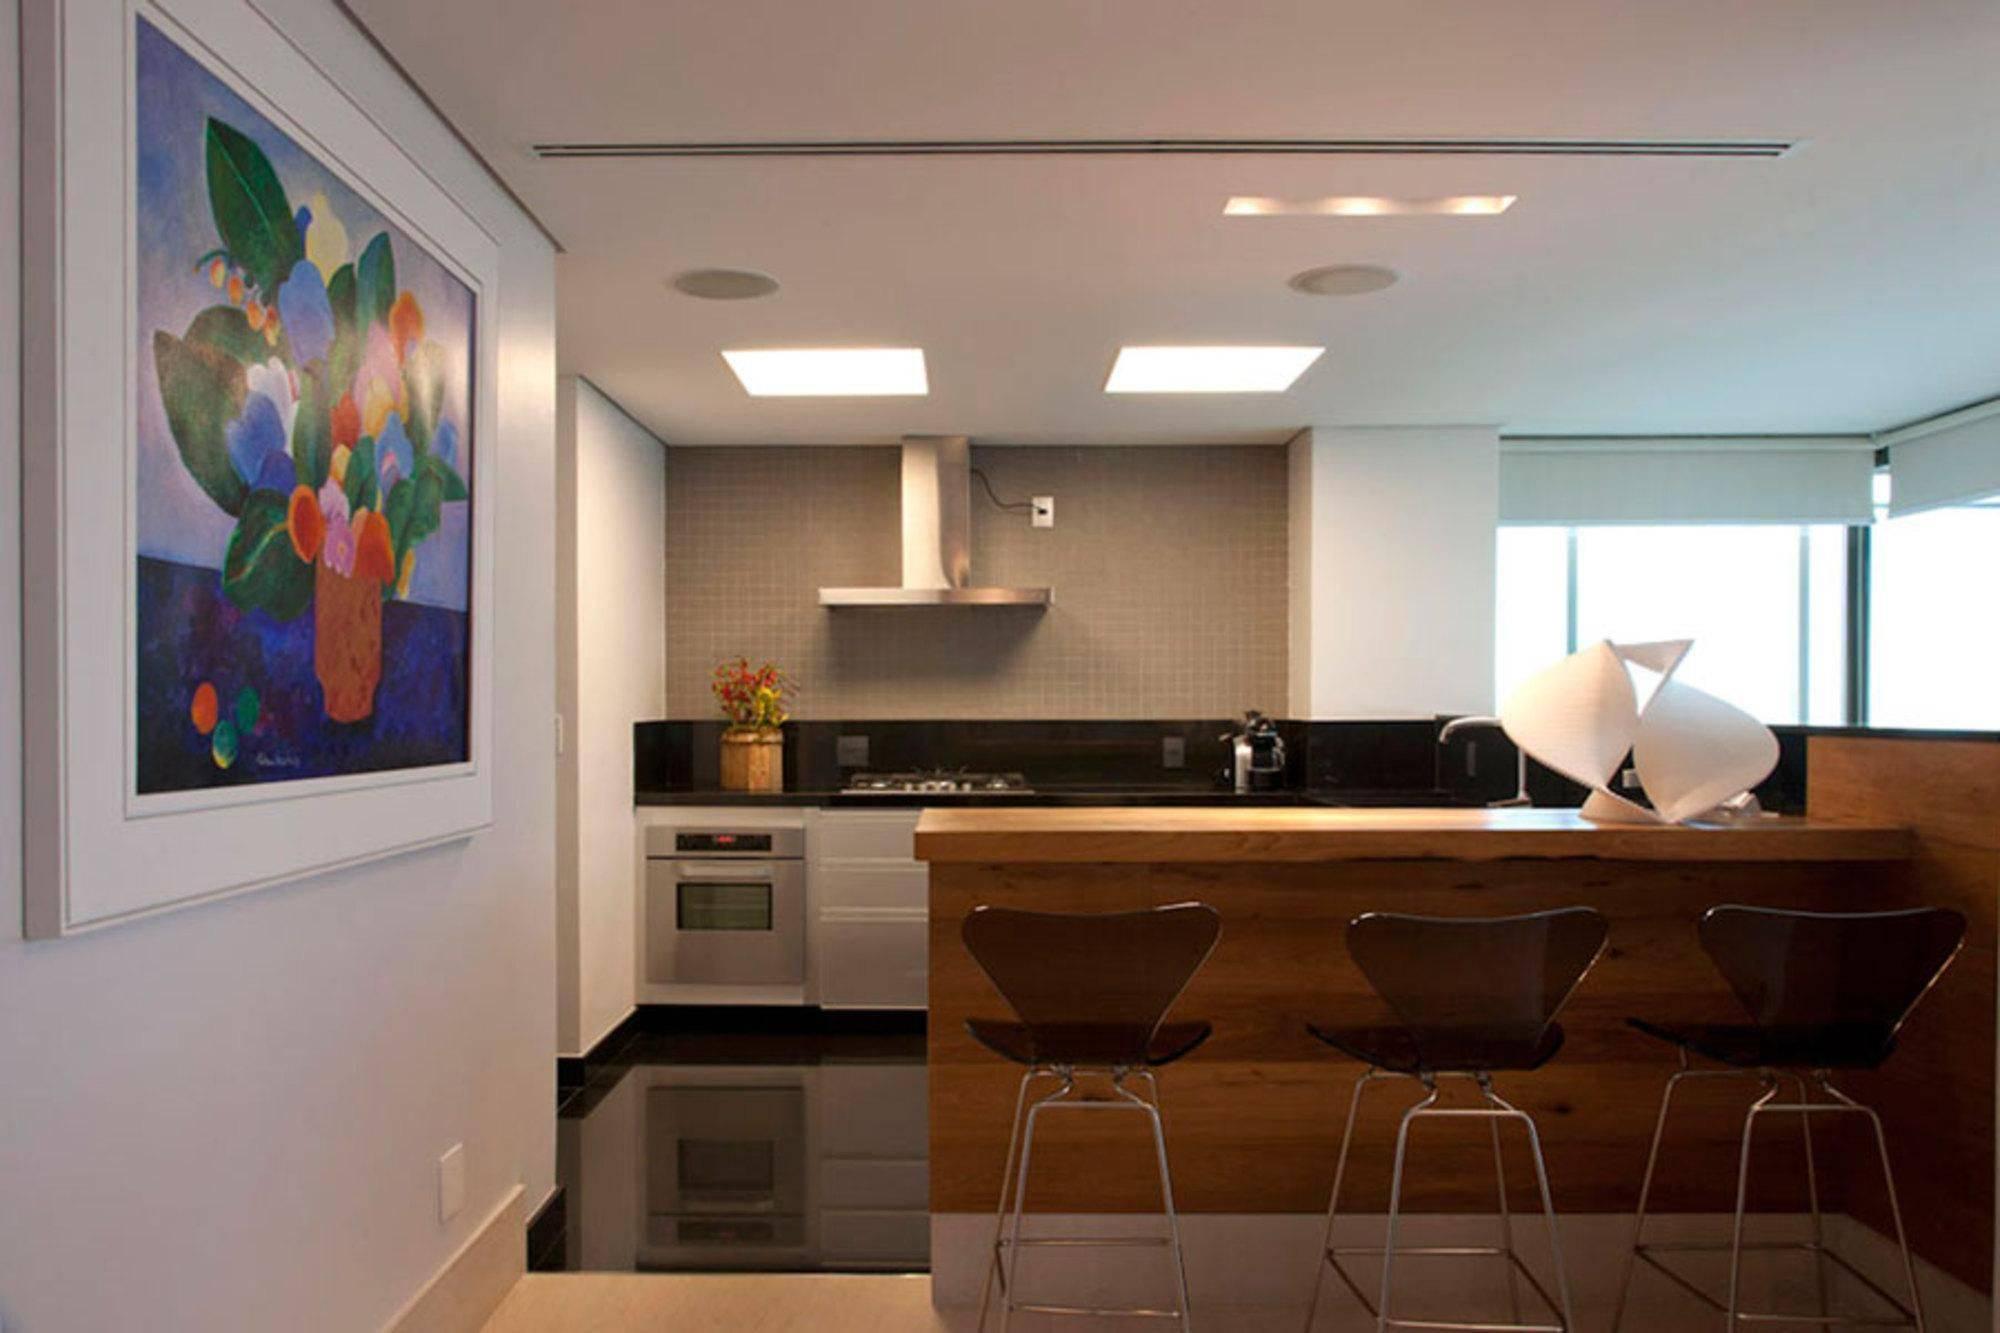 #311C12 7314 cozinha cobertura debrucada sobre a cidade anastasia arquitetos  2000x1333 píxeis em Decoração De Sala E Cozinha Americana Simples